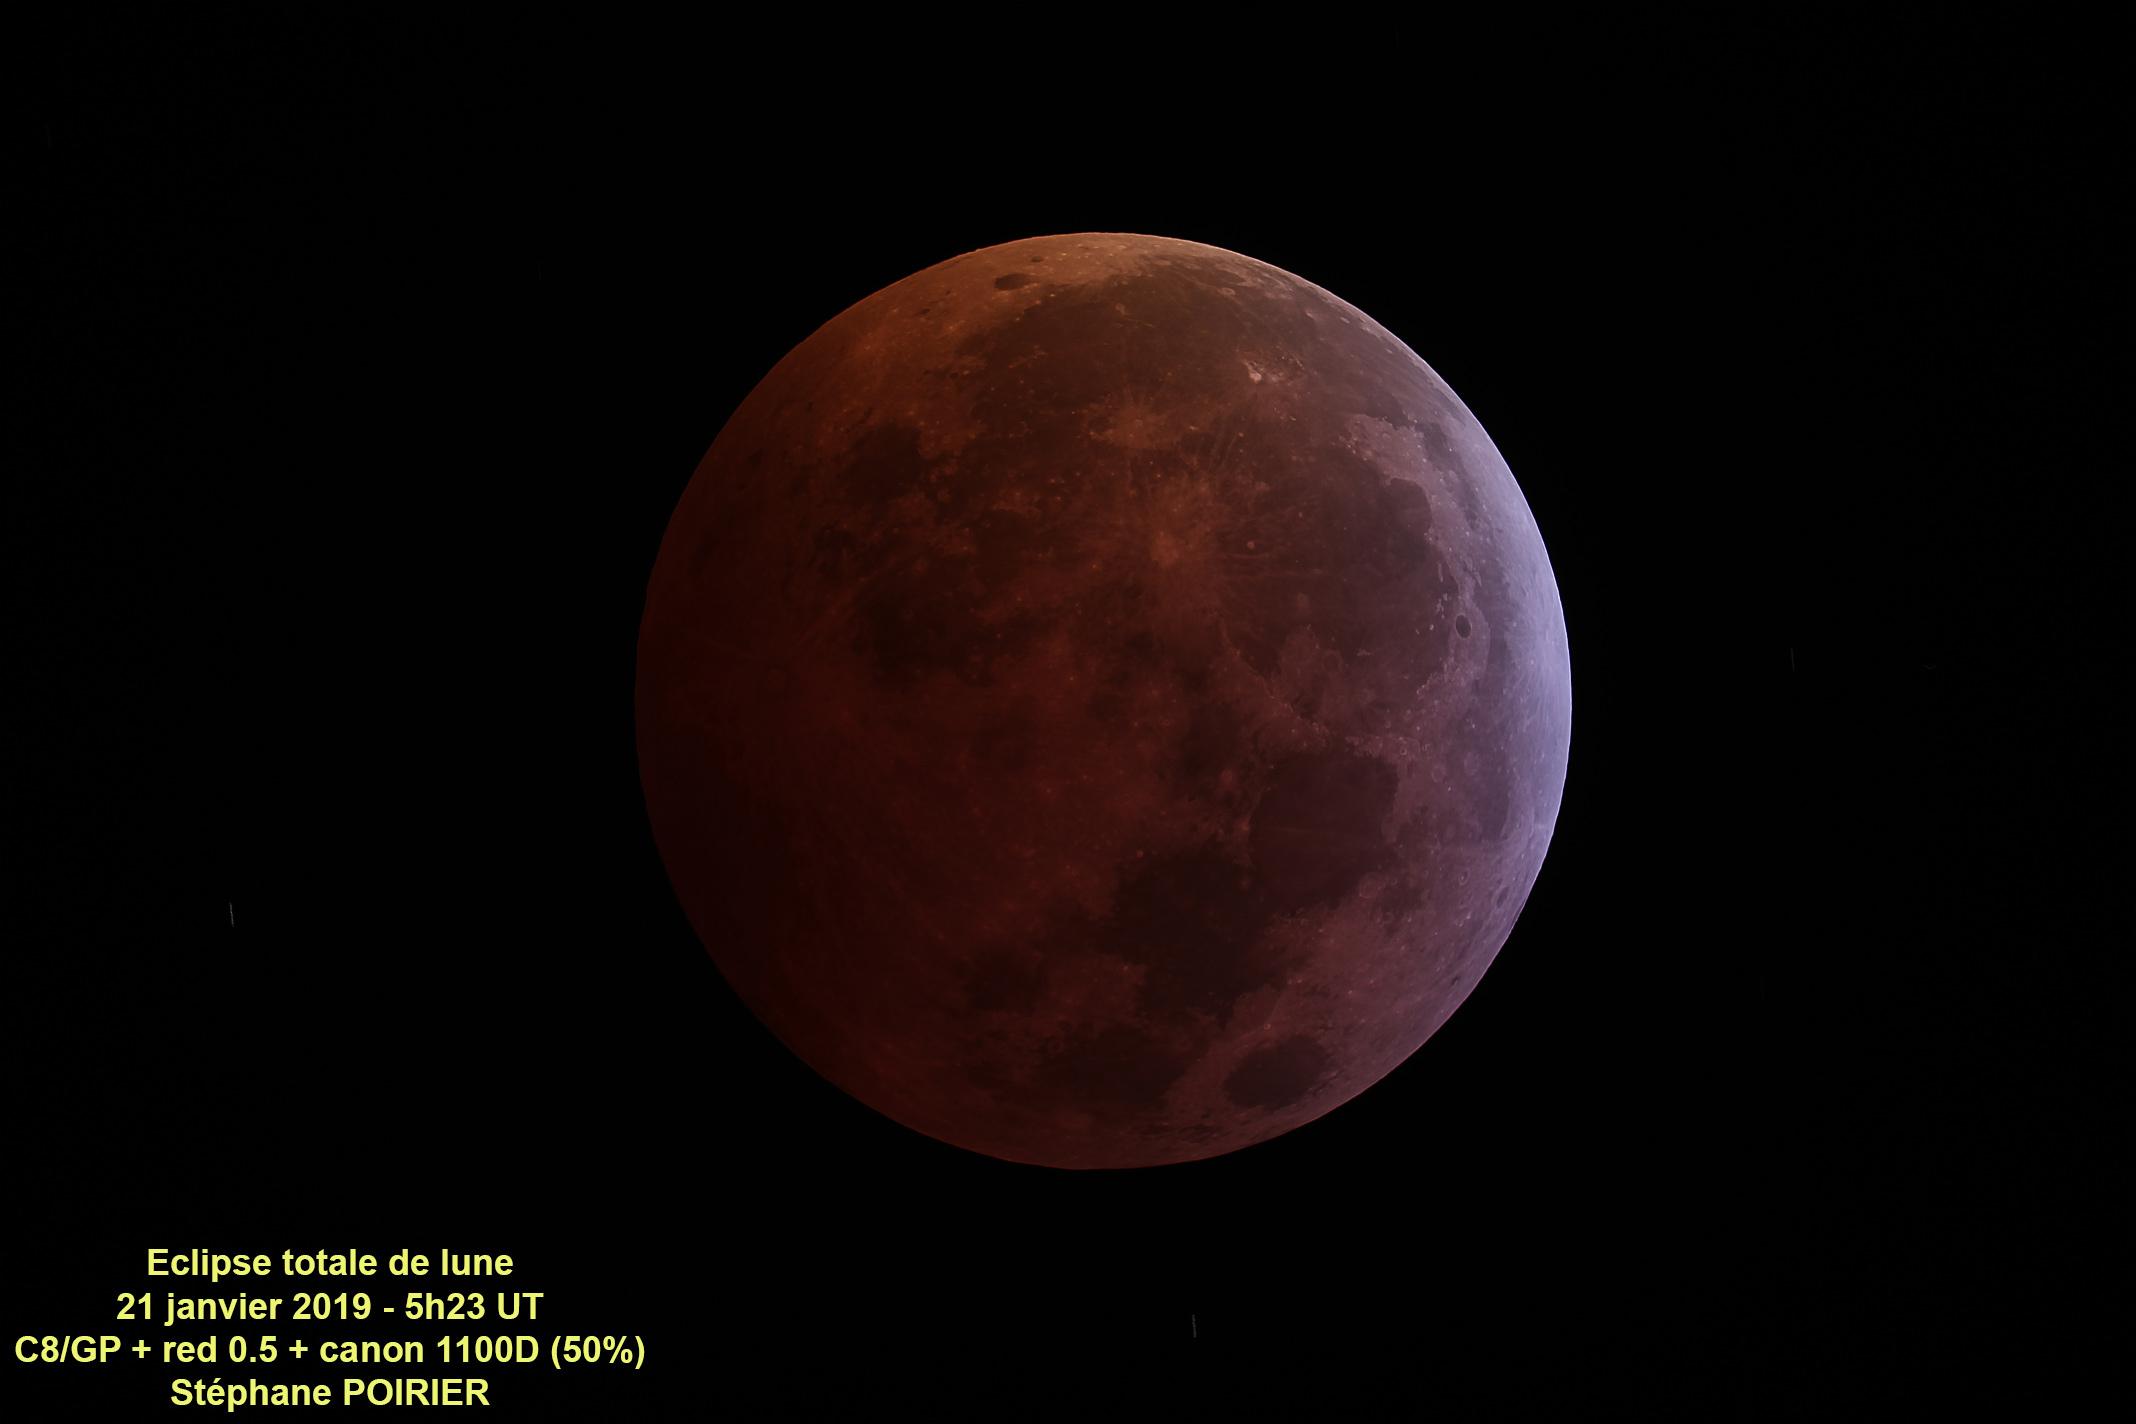 20190121-5h23UT_eclipse-lune-C8-red0.5-1100D-SP-r50